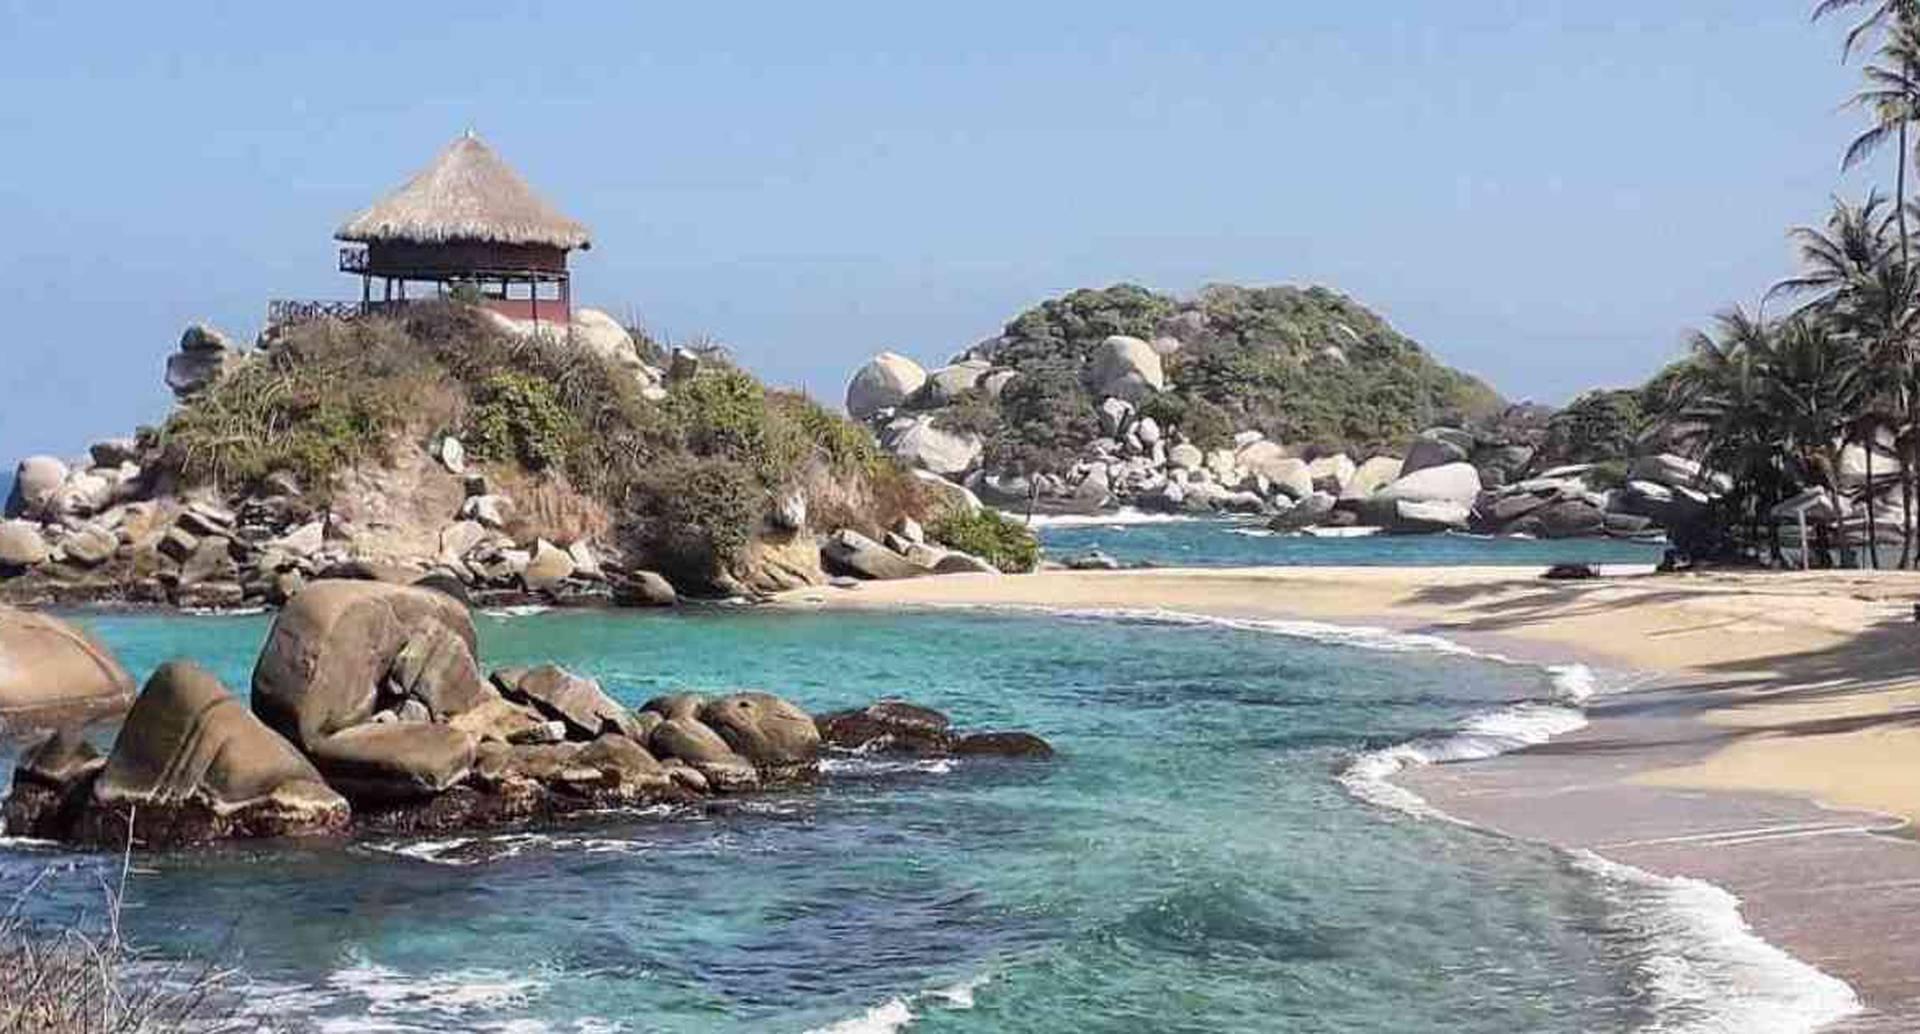 El Parque Nacional Natural Tayrona es uno de los sitios turísticos más visitados por los turistas en Colombia. Foto: Pixabay.